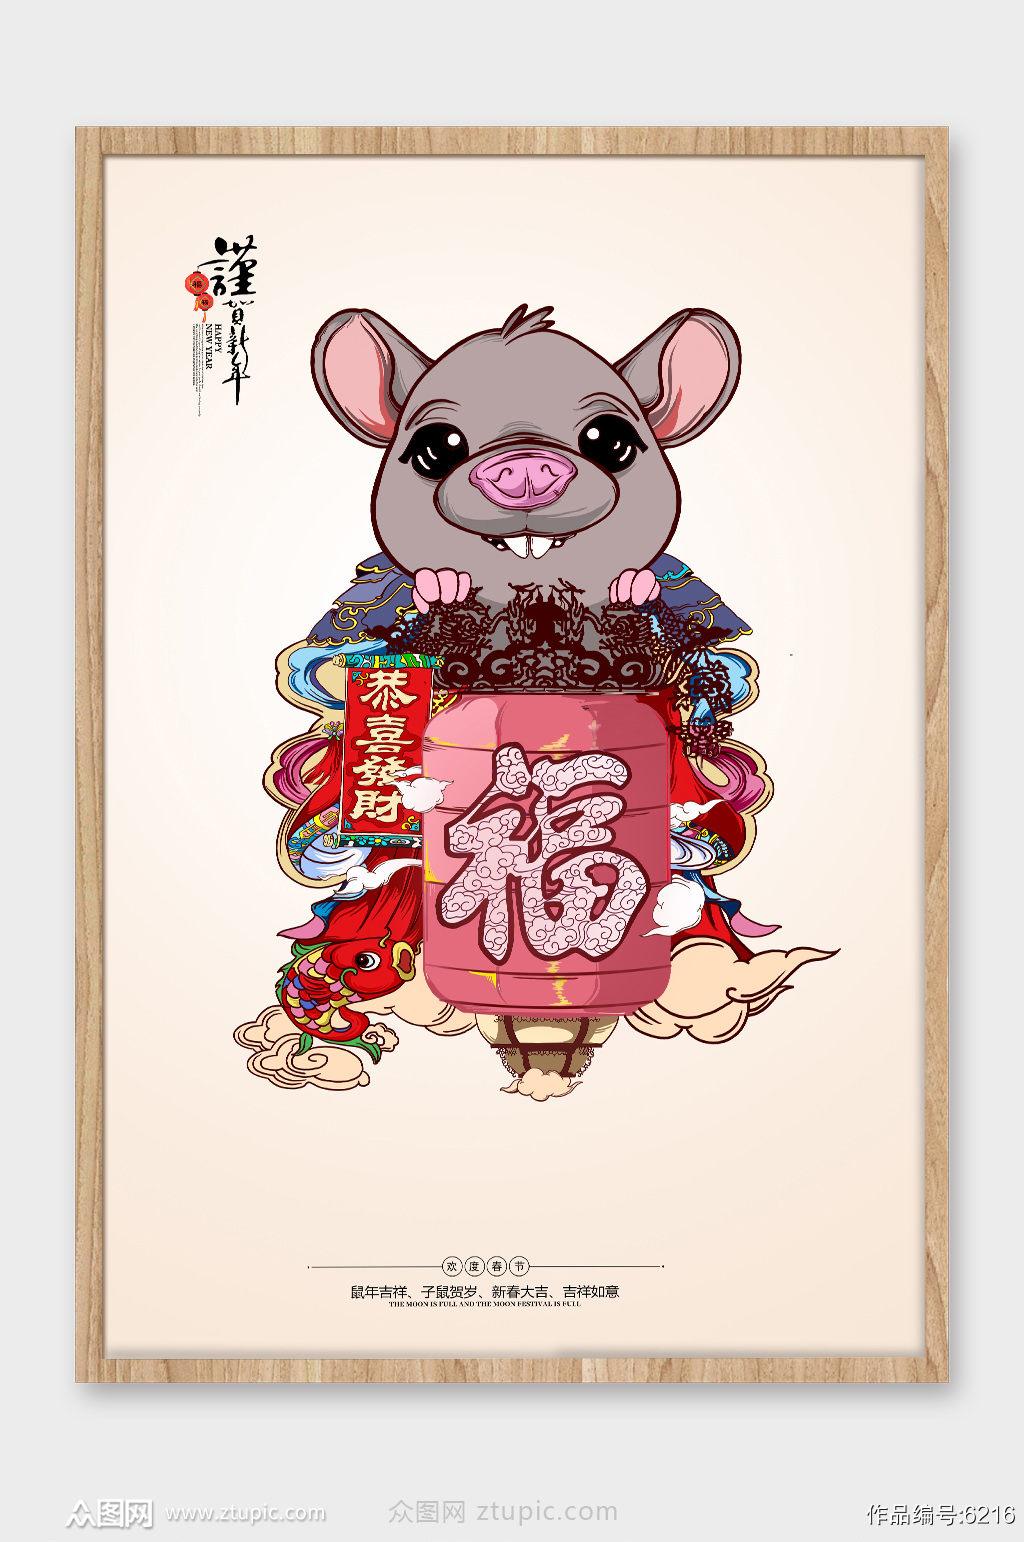 2020鼠年插画设计素材